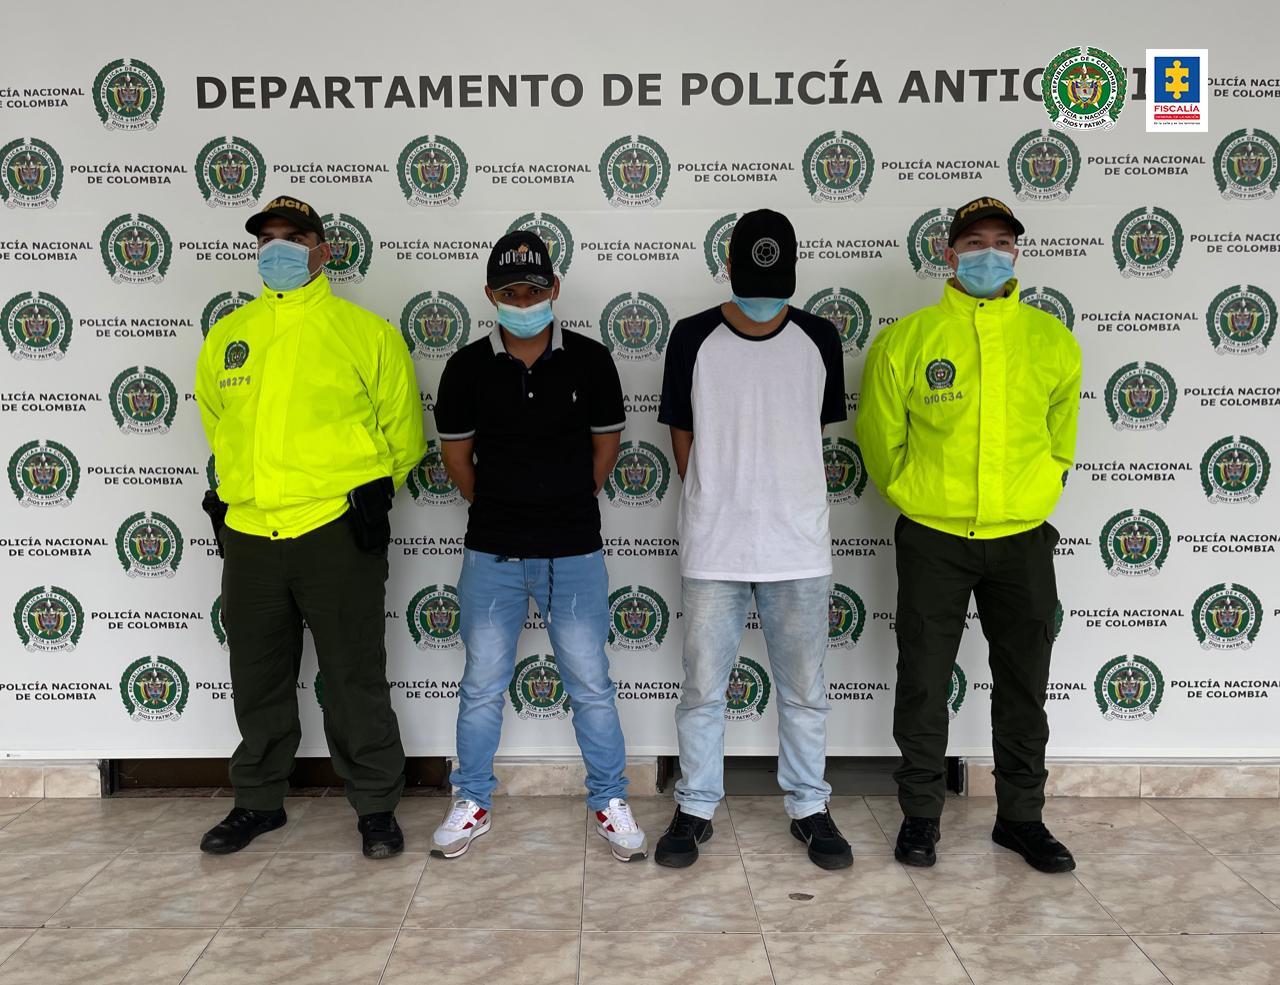 Judicializados presuntos responsables de homicidios múltiples en Antioquia y Valle del Cauca - Noticias de Colombia